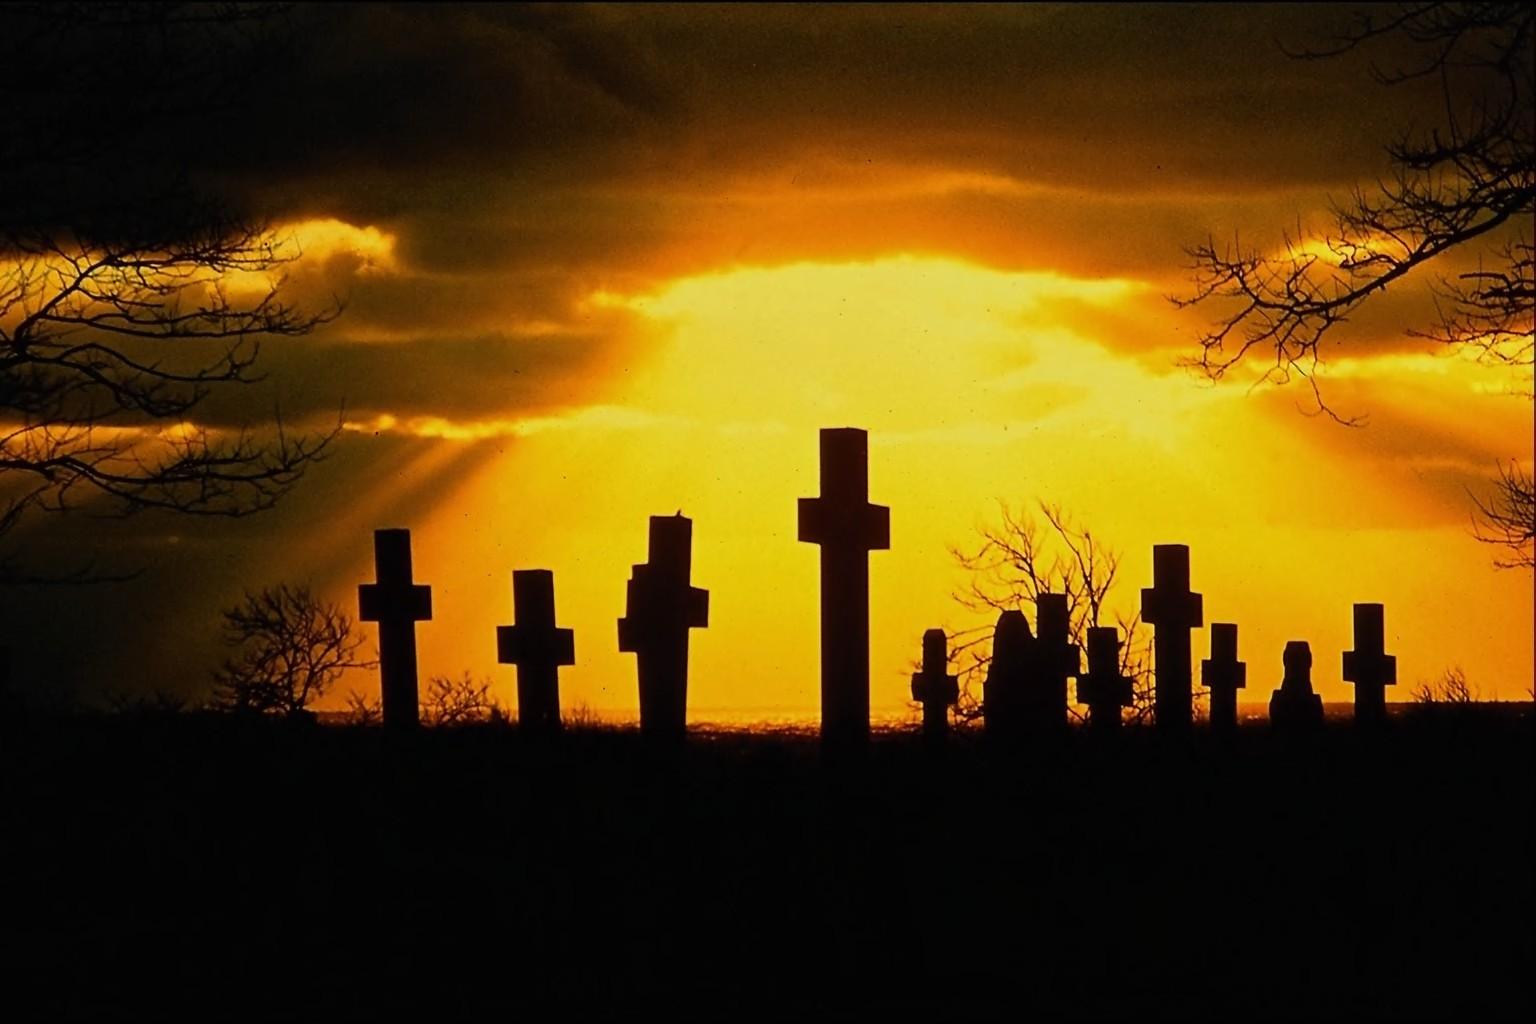 <h1>Кладбище - лучшее место, о котором мечтают поисковые роботы</h1>